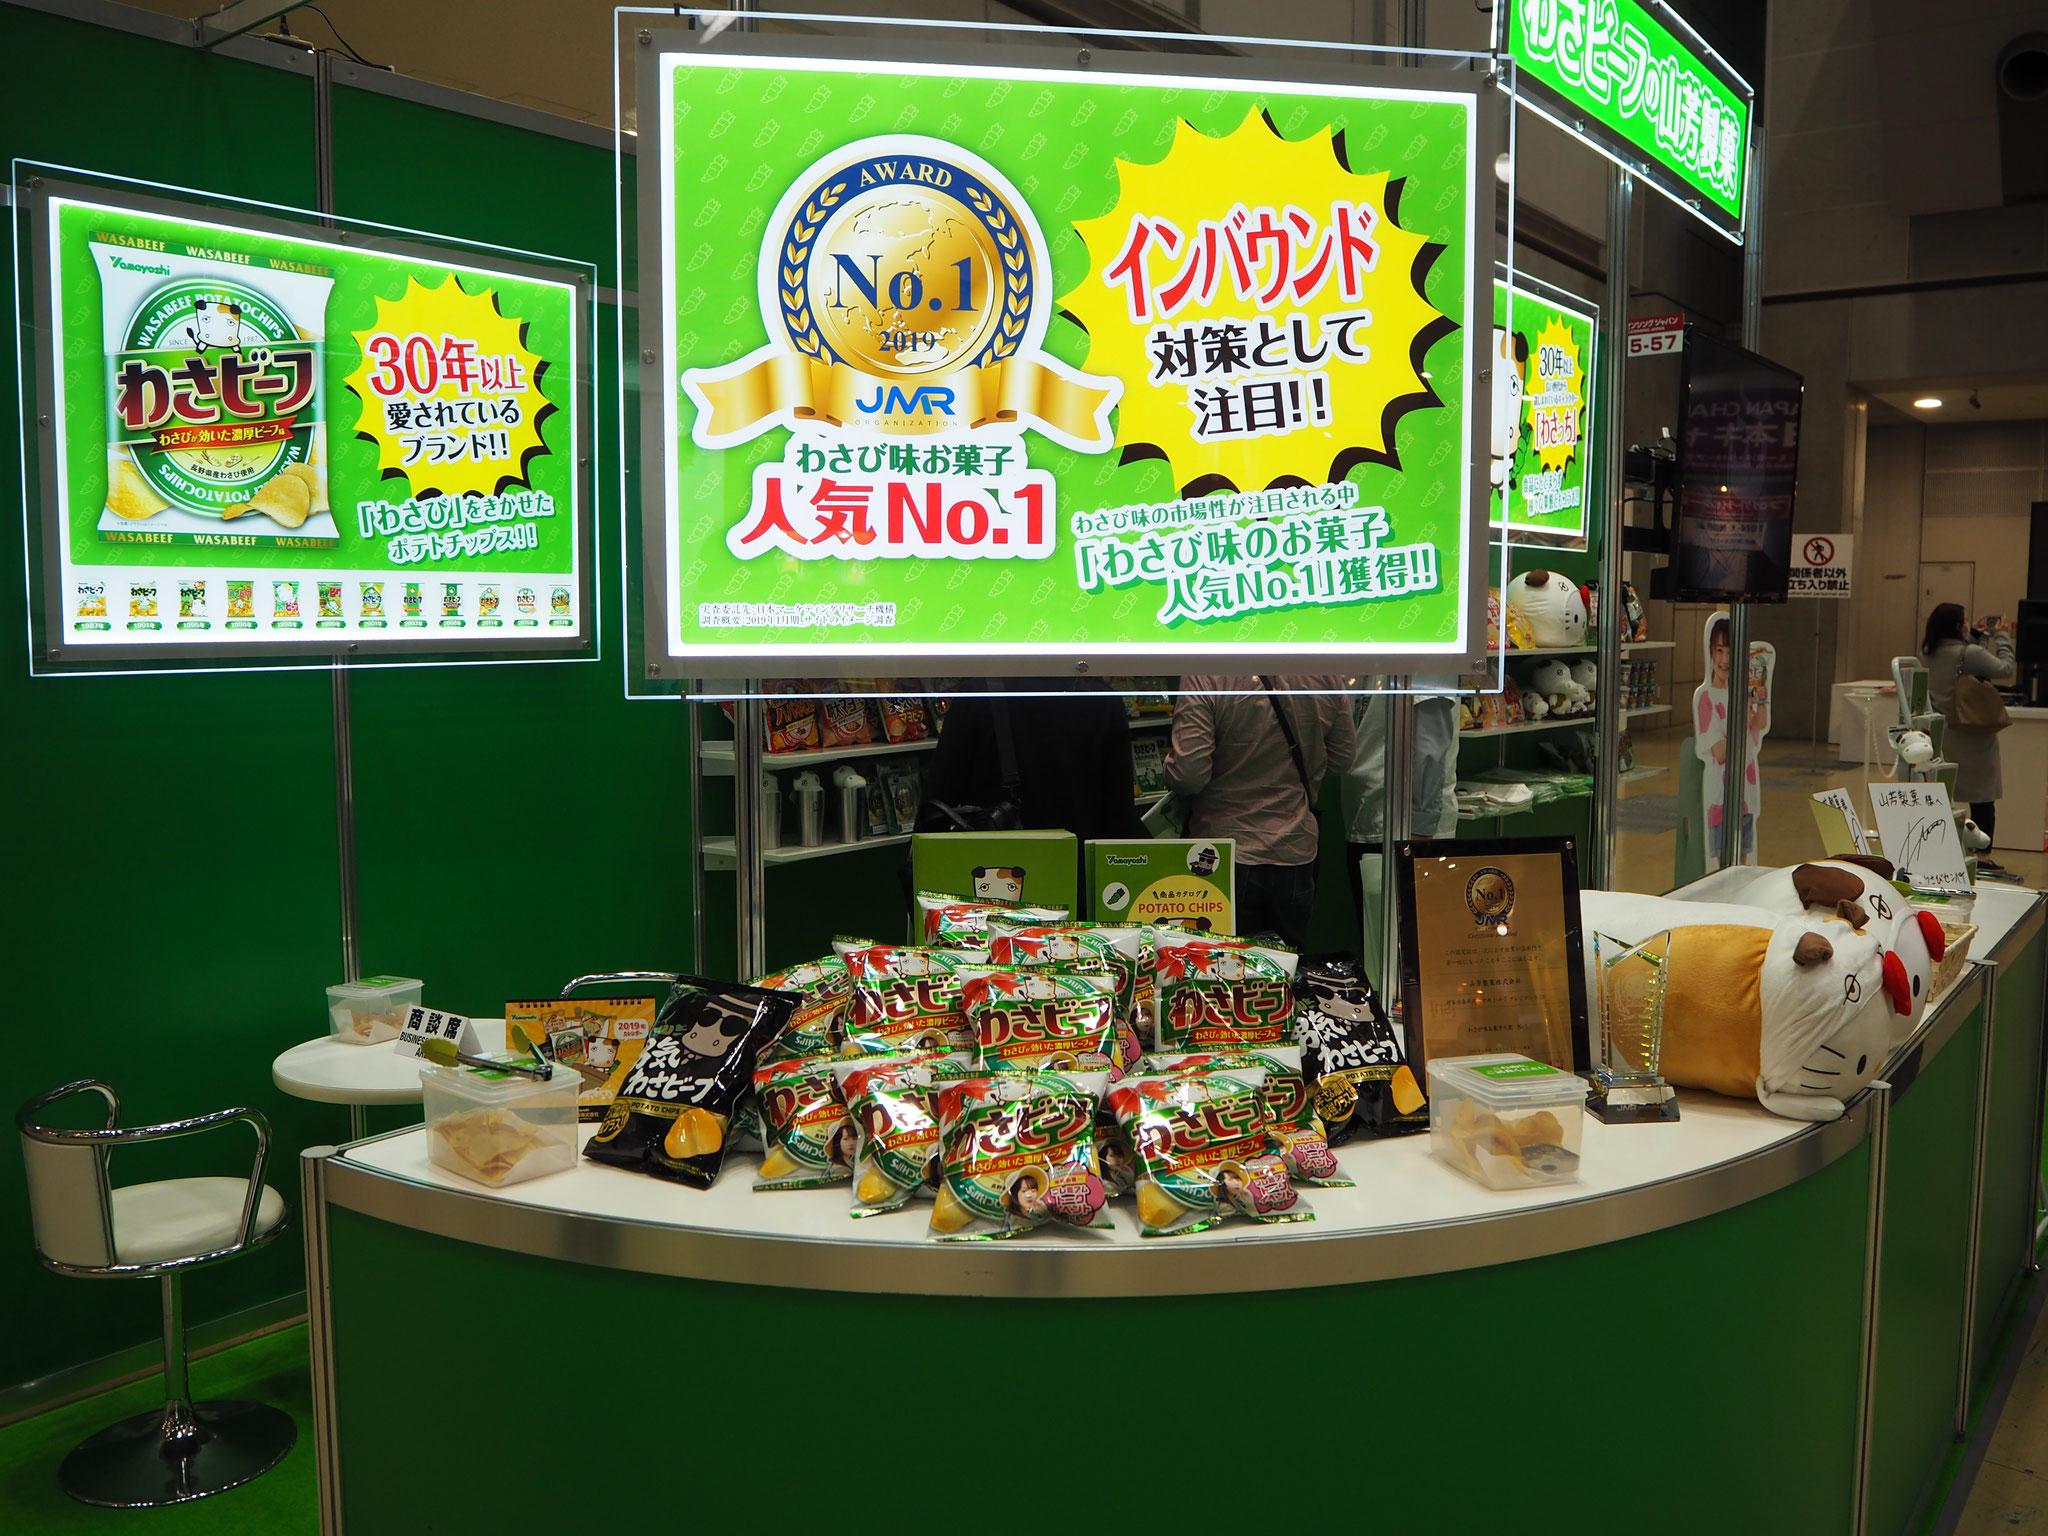 山芳製菓のブース